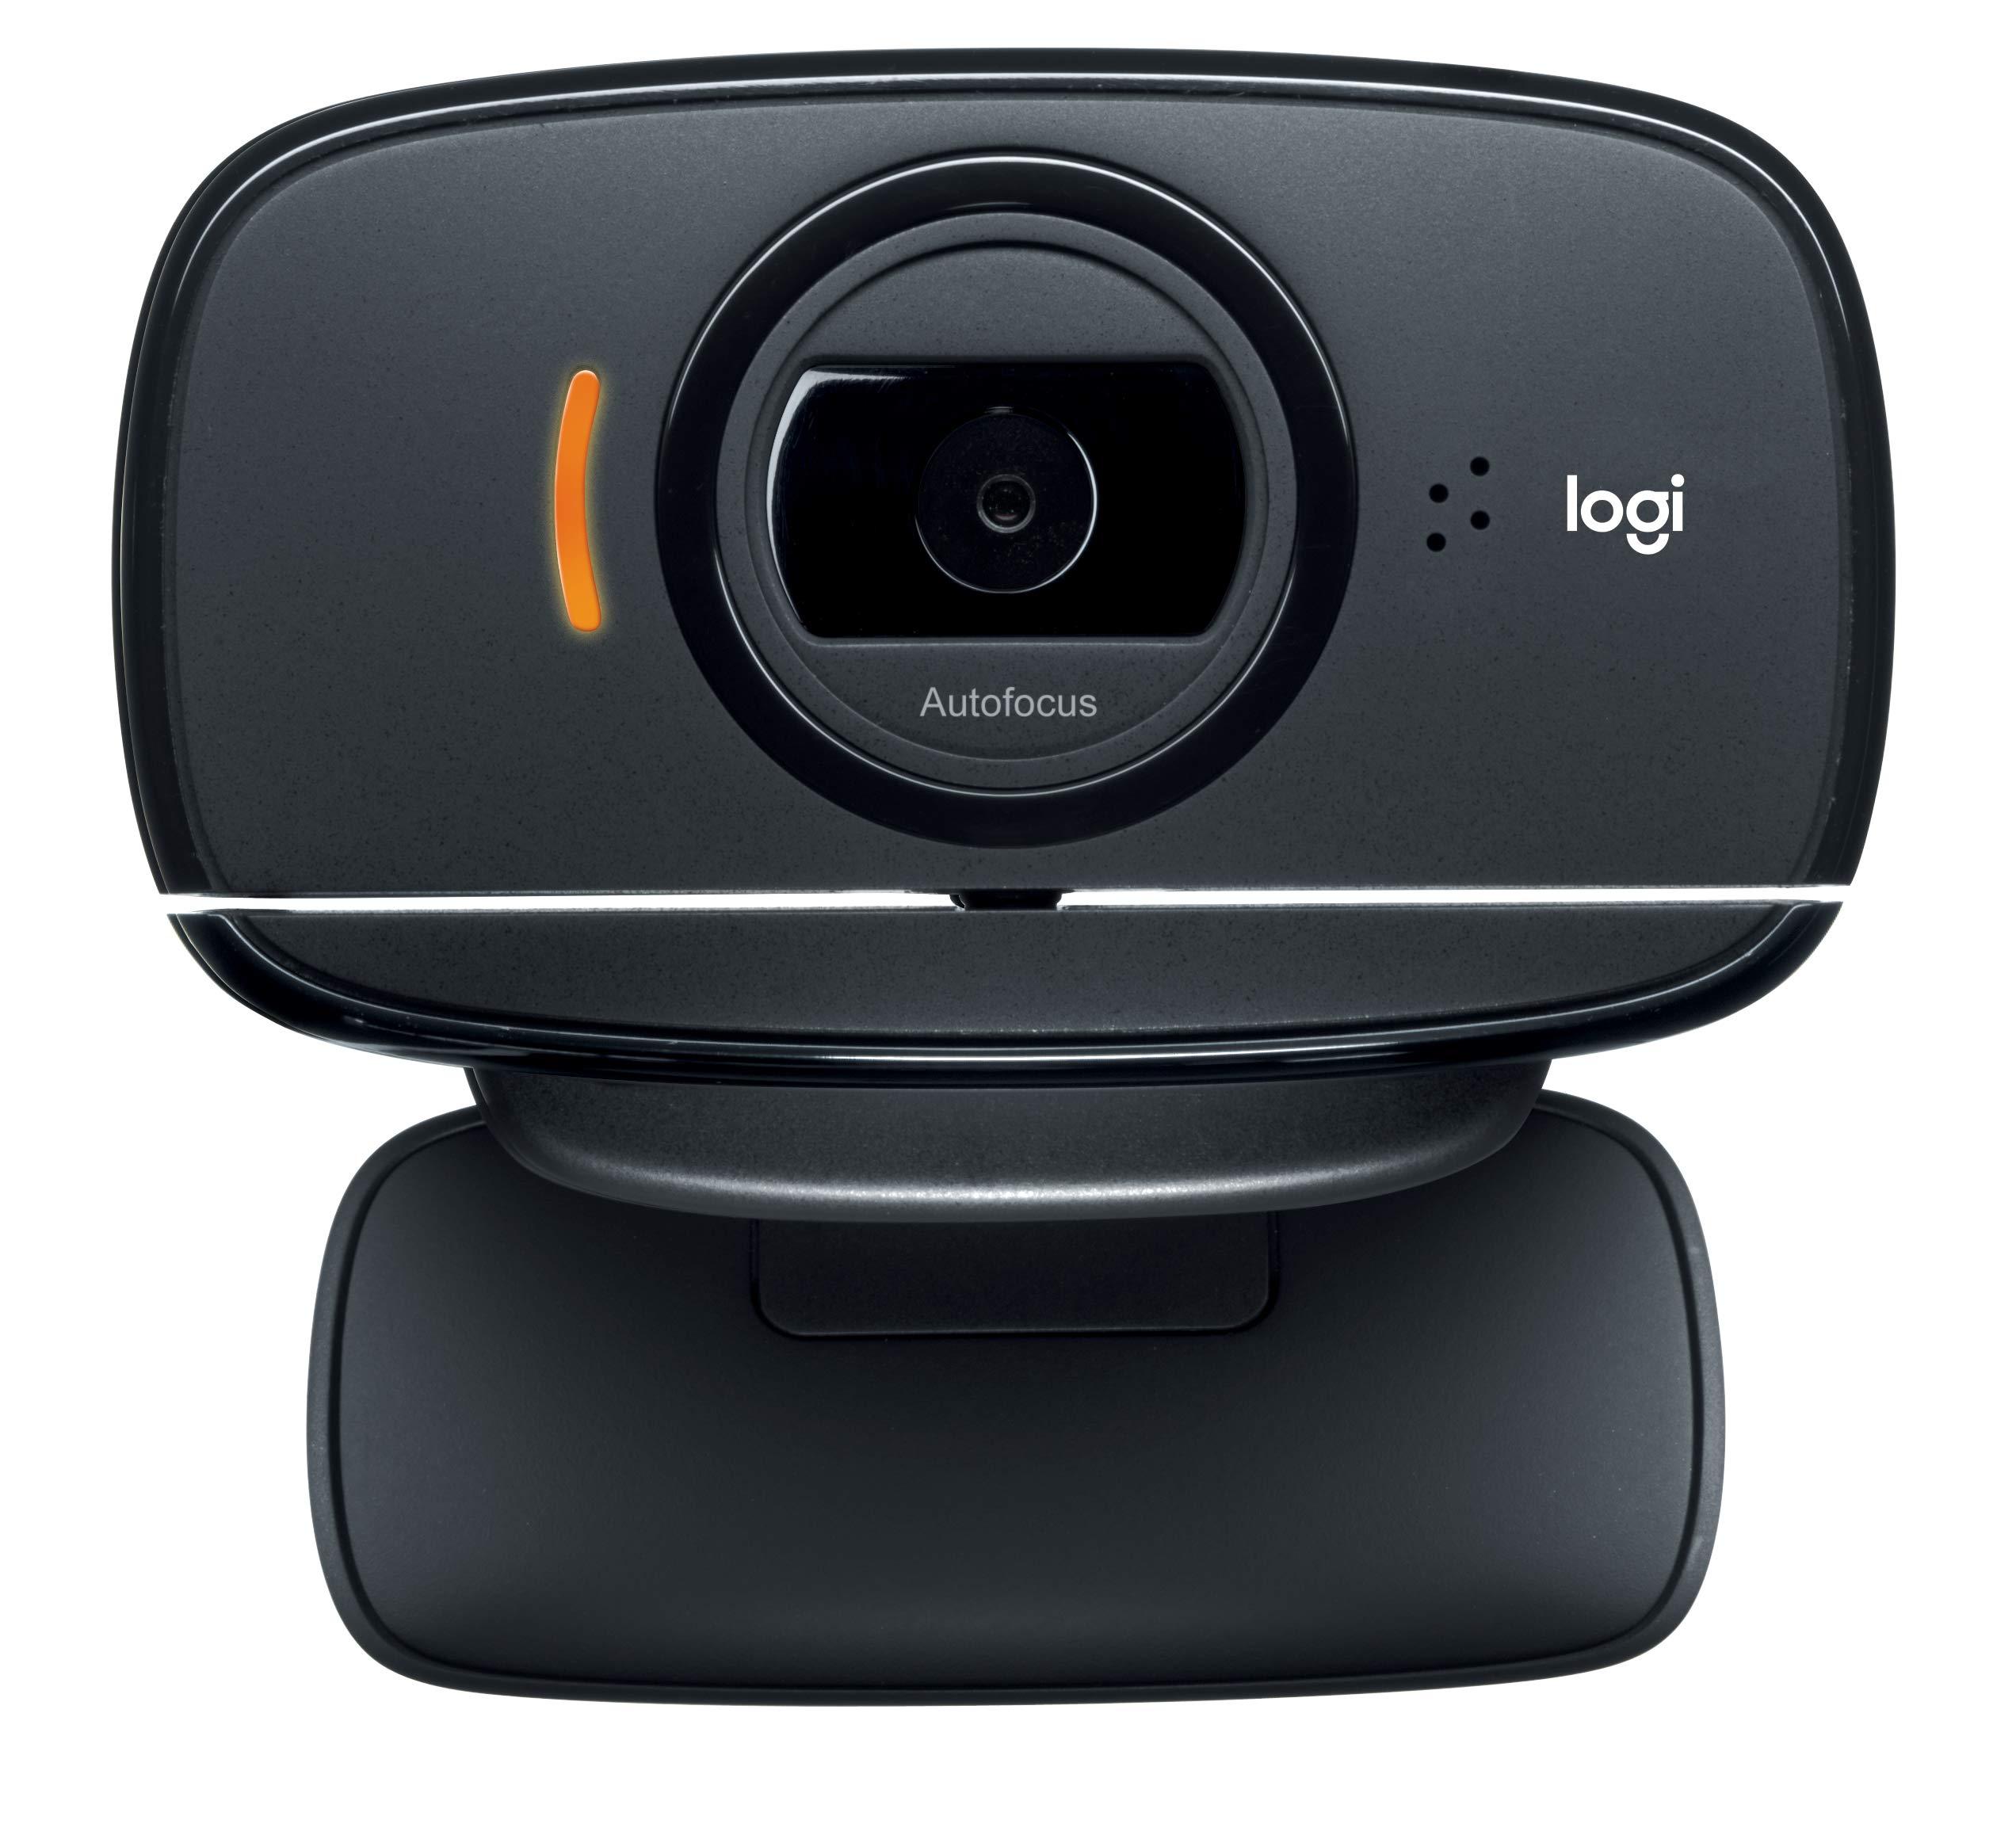 Logitech HD Webcam C525, Portable HD 720p Video Calling with Autofocus by Logitech